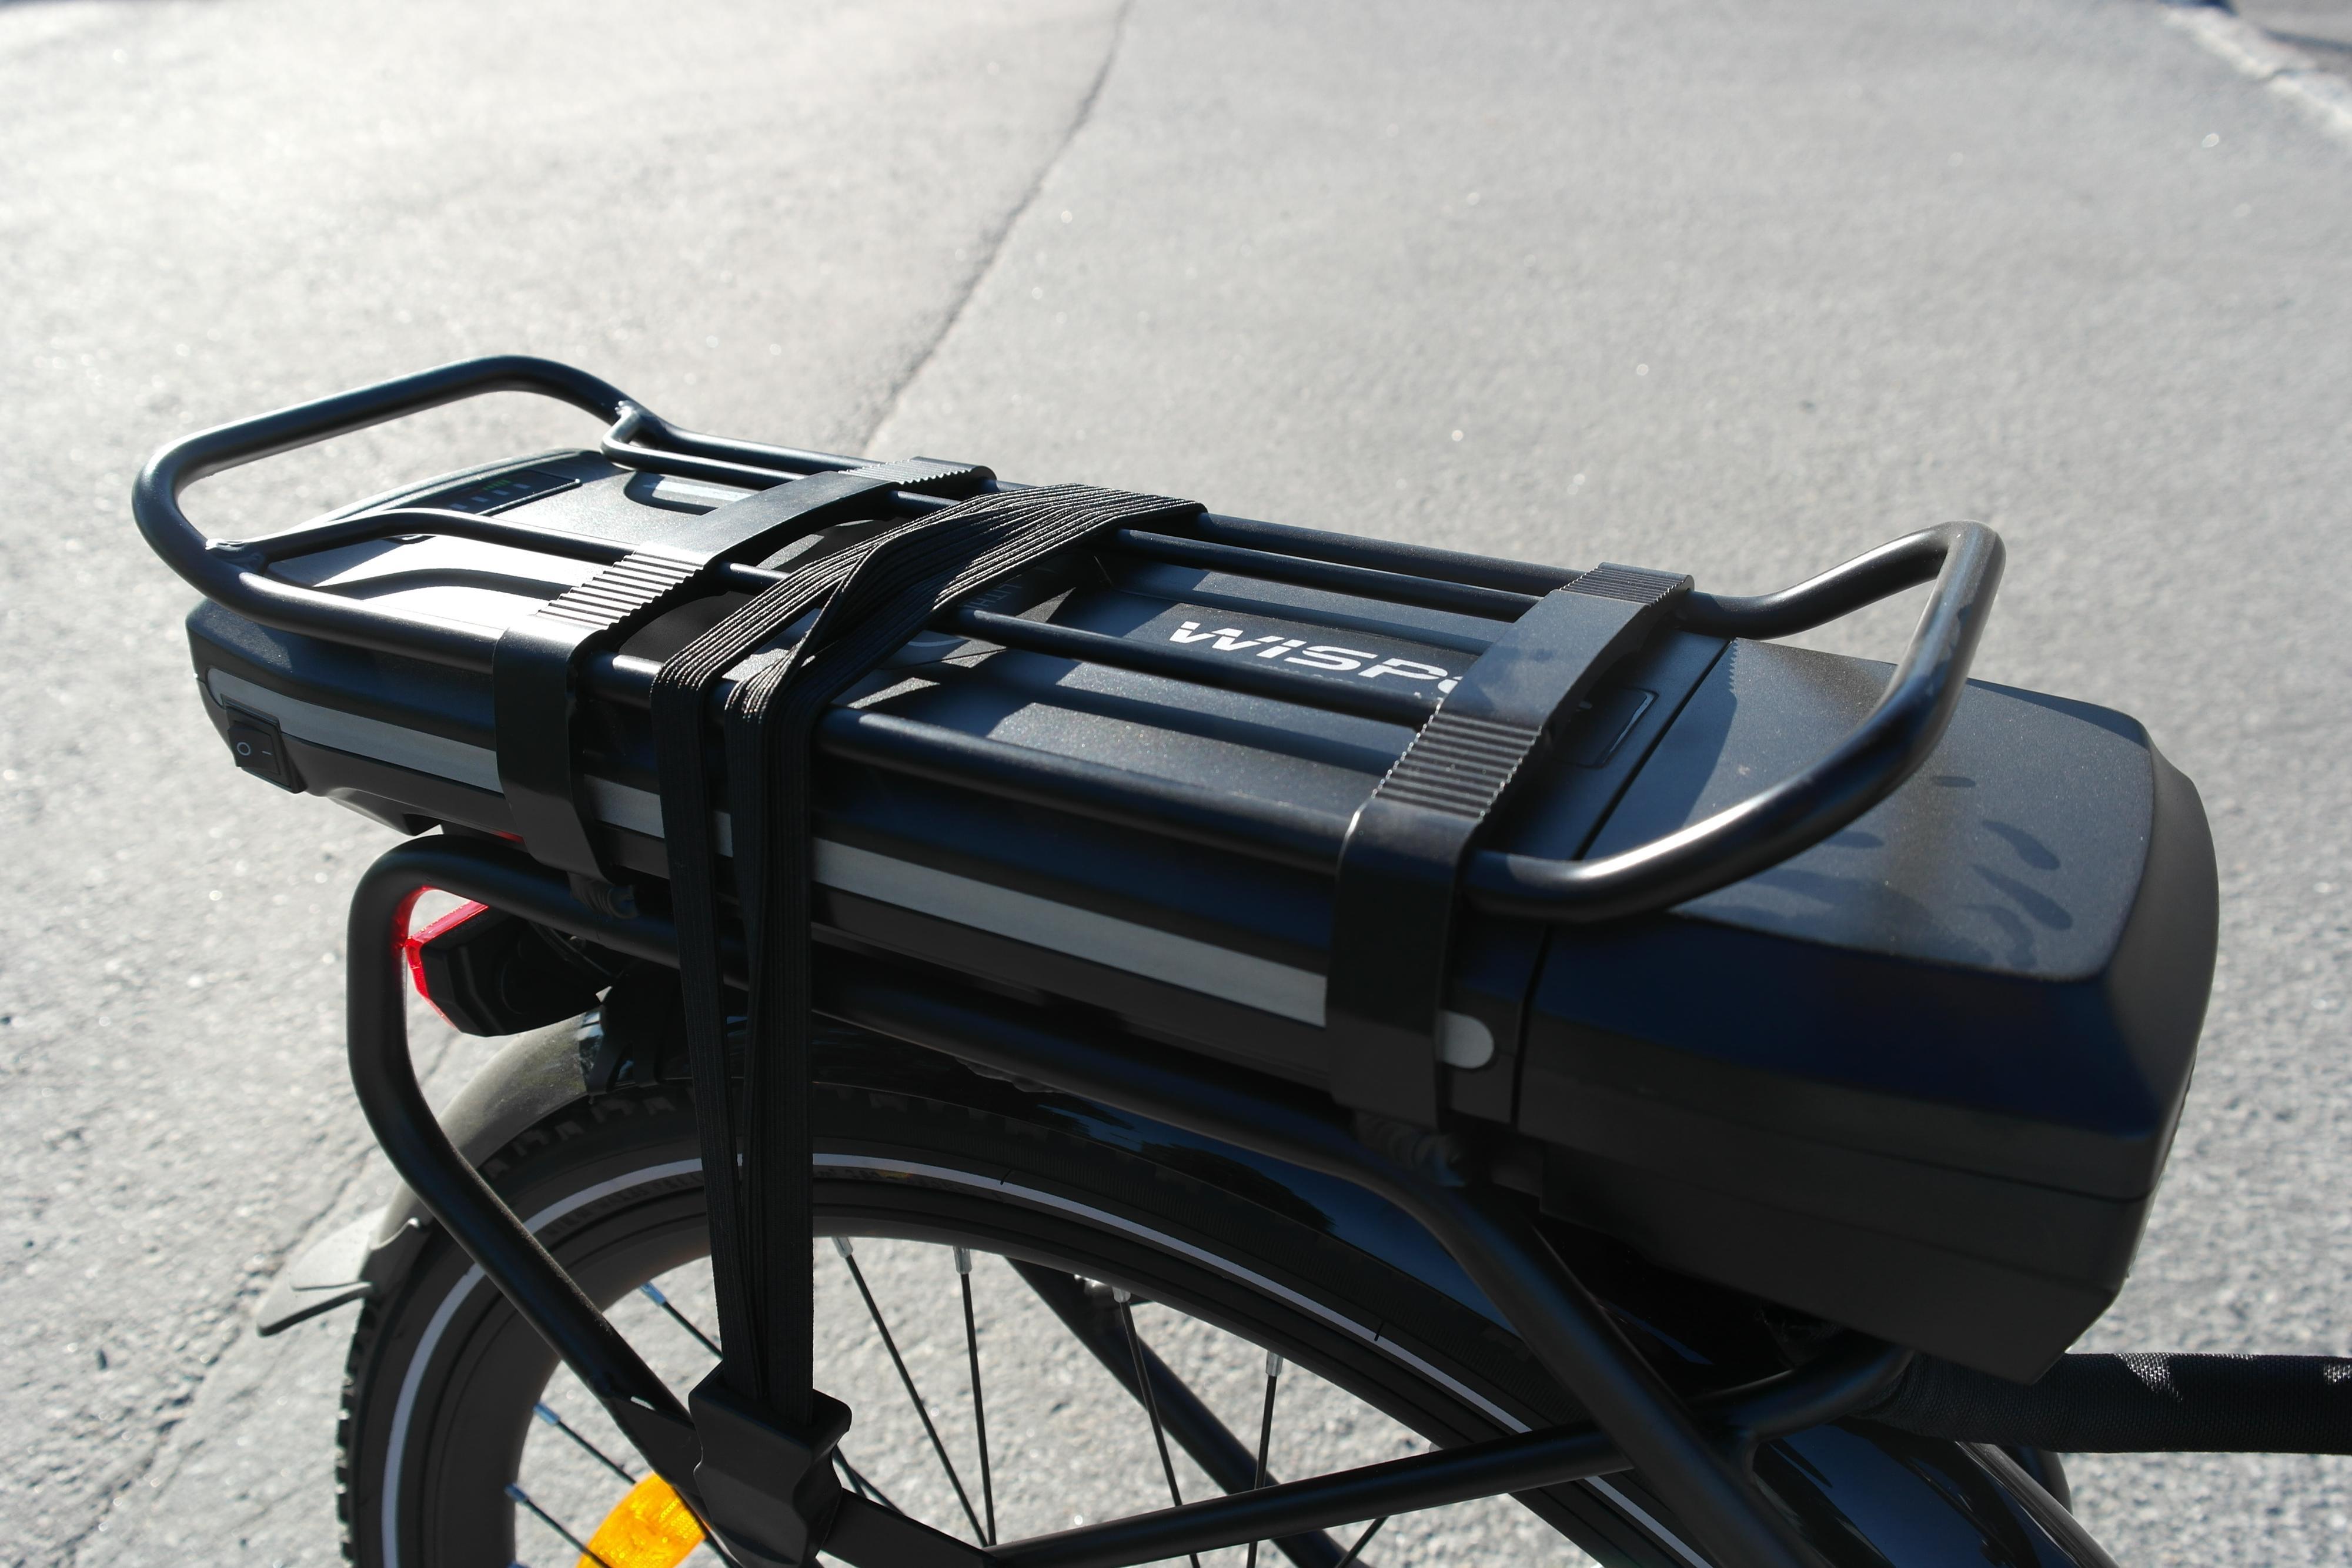 Wisper 905se kom med batteriet plassert ved bagasjebrettet. Det kan gi en litt baktung sykkel, men opplevdes ikke spesielt sjenerende i vår test.